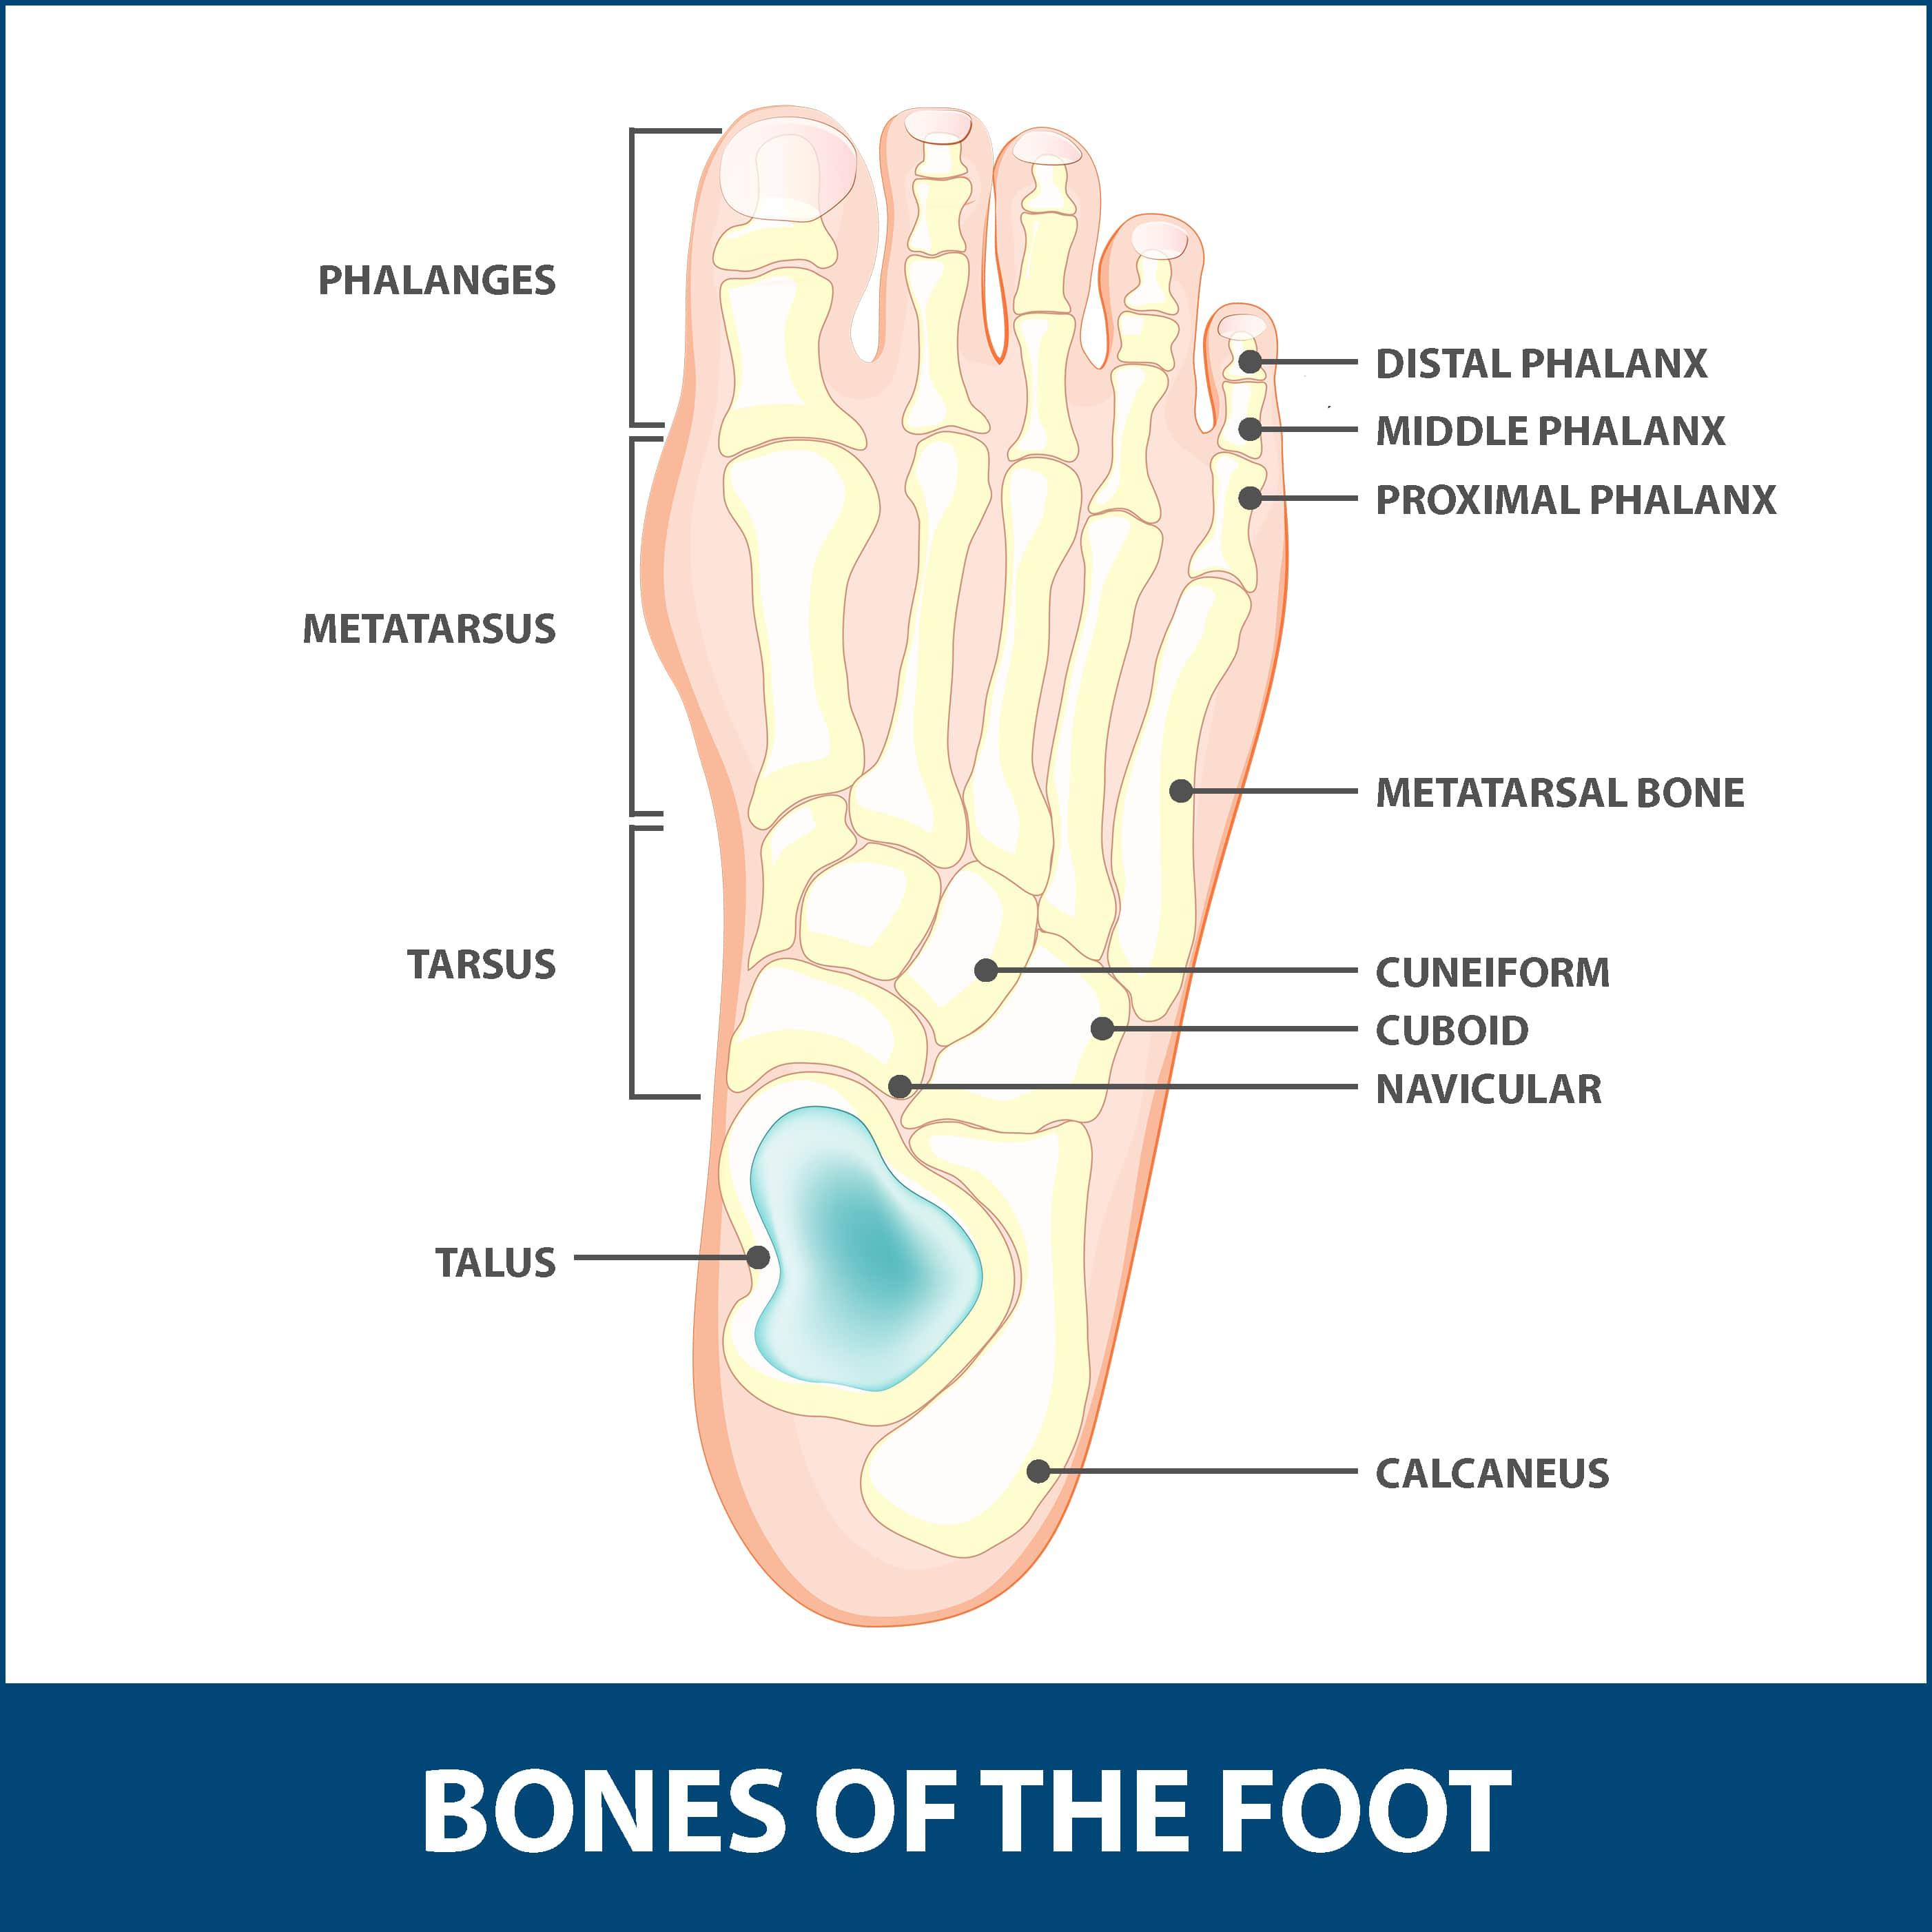 Hallux Rigidus, diagram of the bones of the foot